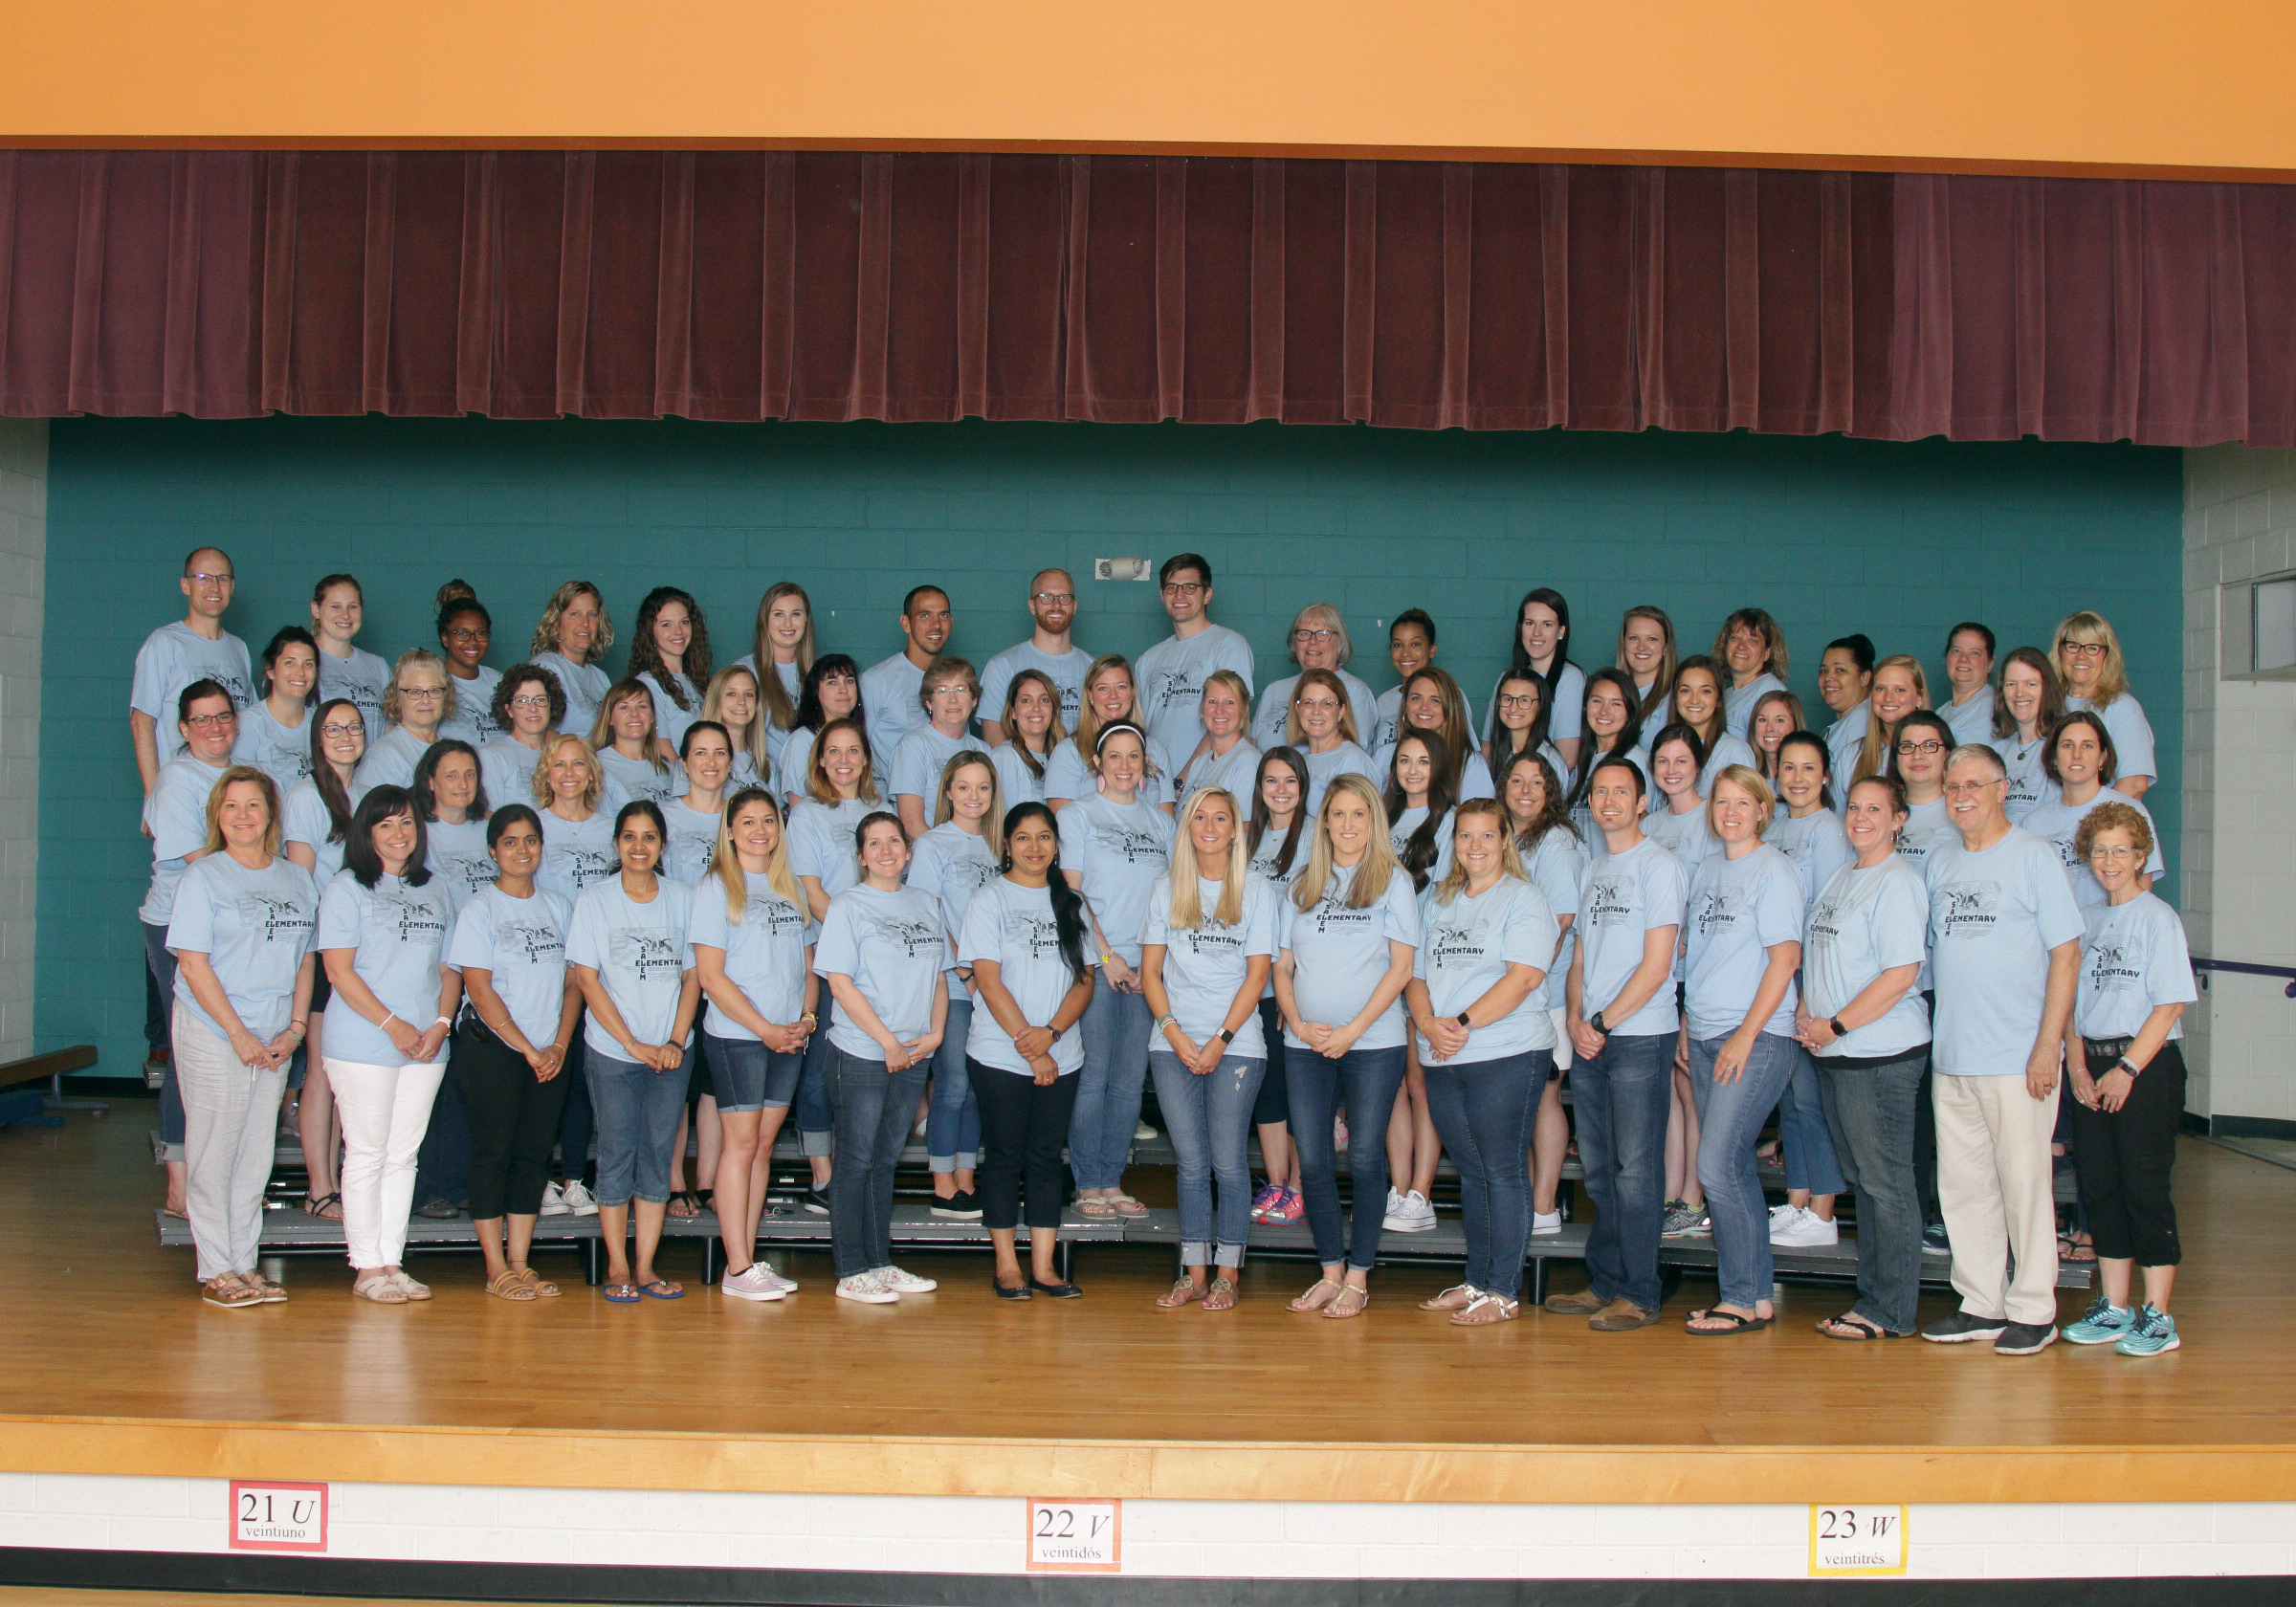 Salem Elementary School / Homepage